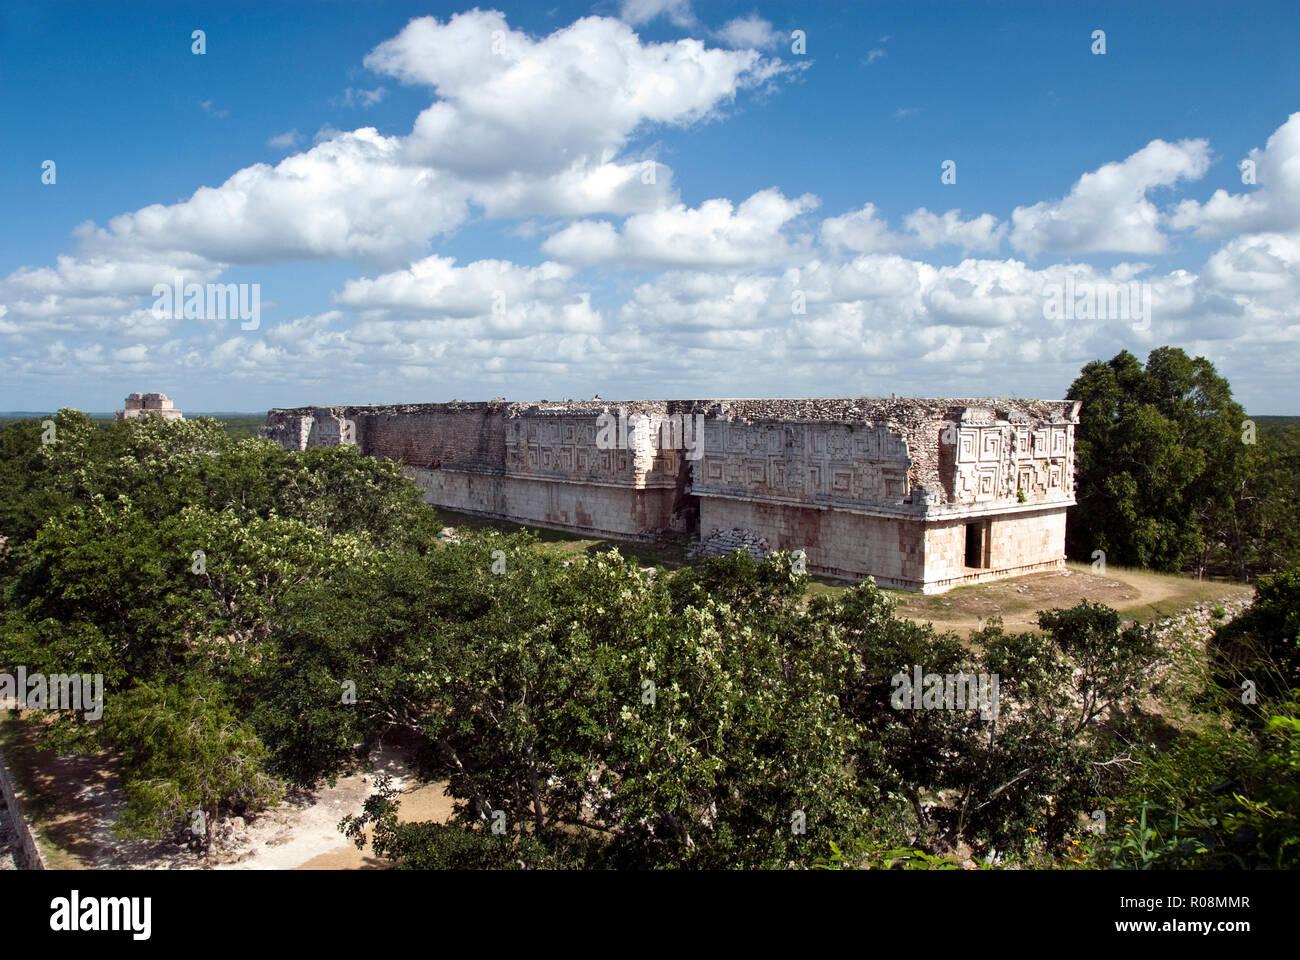 The Governor's Palace, viewed from the Great Pyramid, at the Mayan ruins at Uxmal, Yucatan, Mexico. - Stock Image